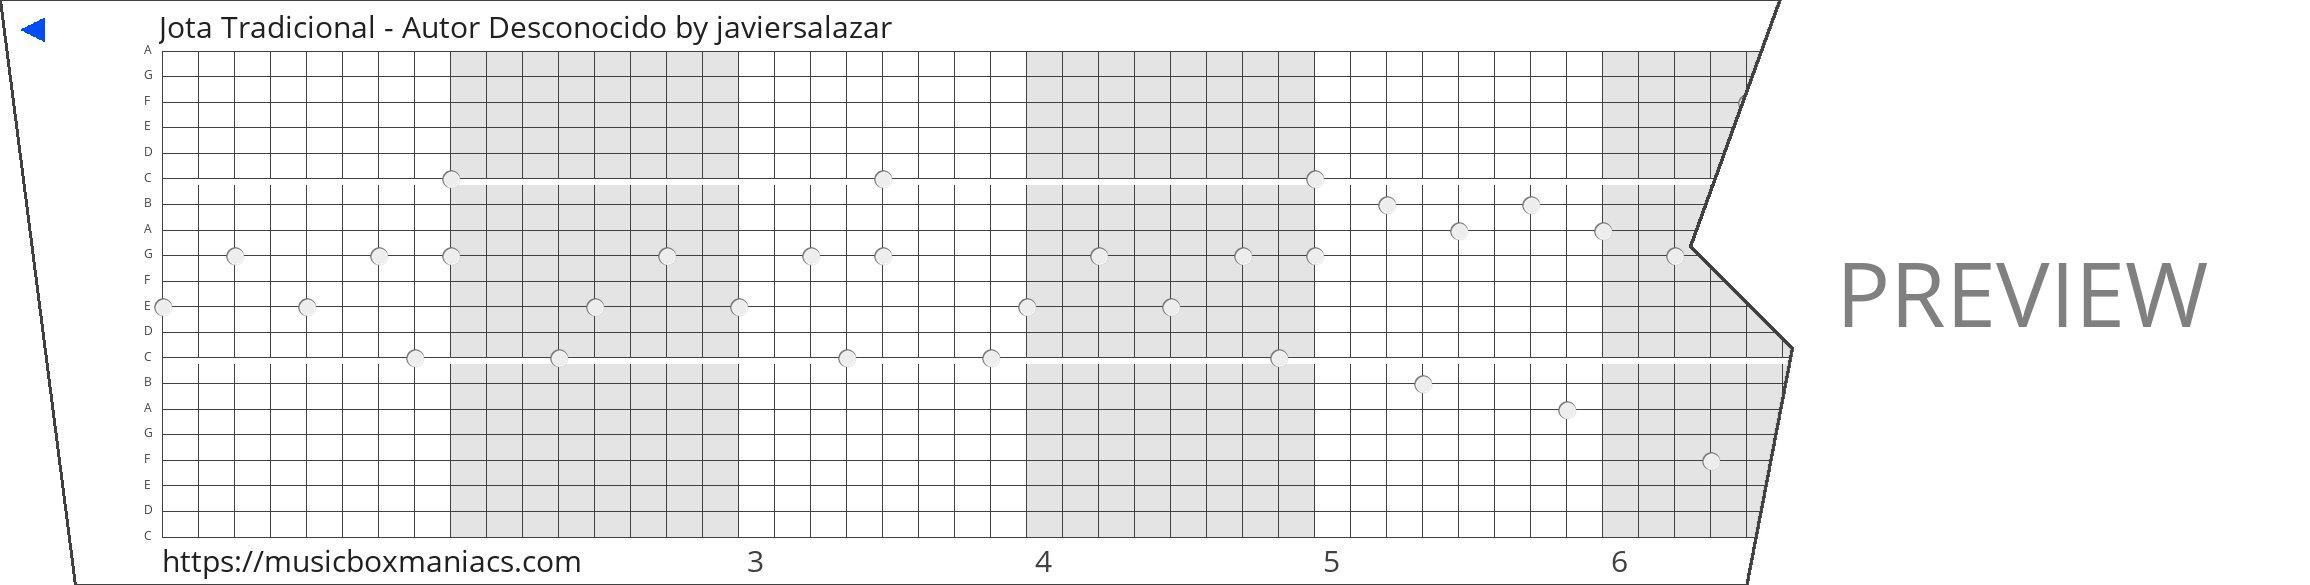 Jota Tradicional - Autor Desconocido 20 note music box paper strip